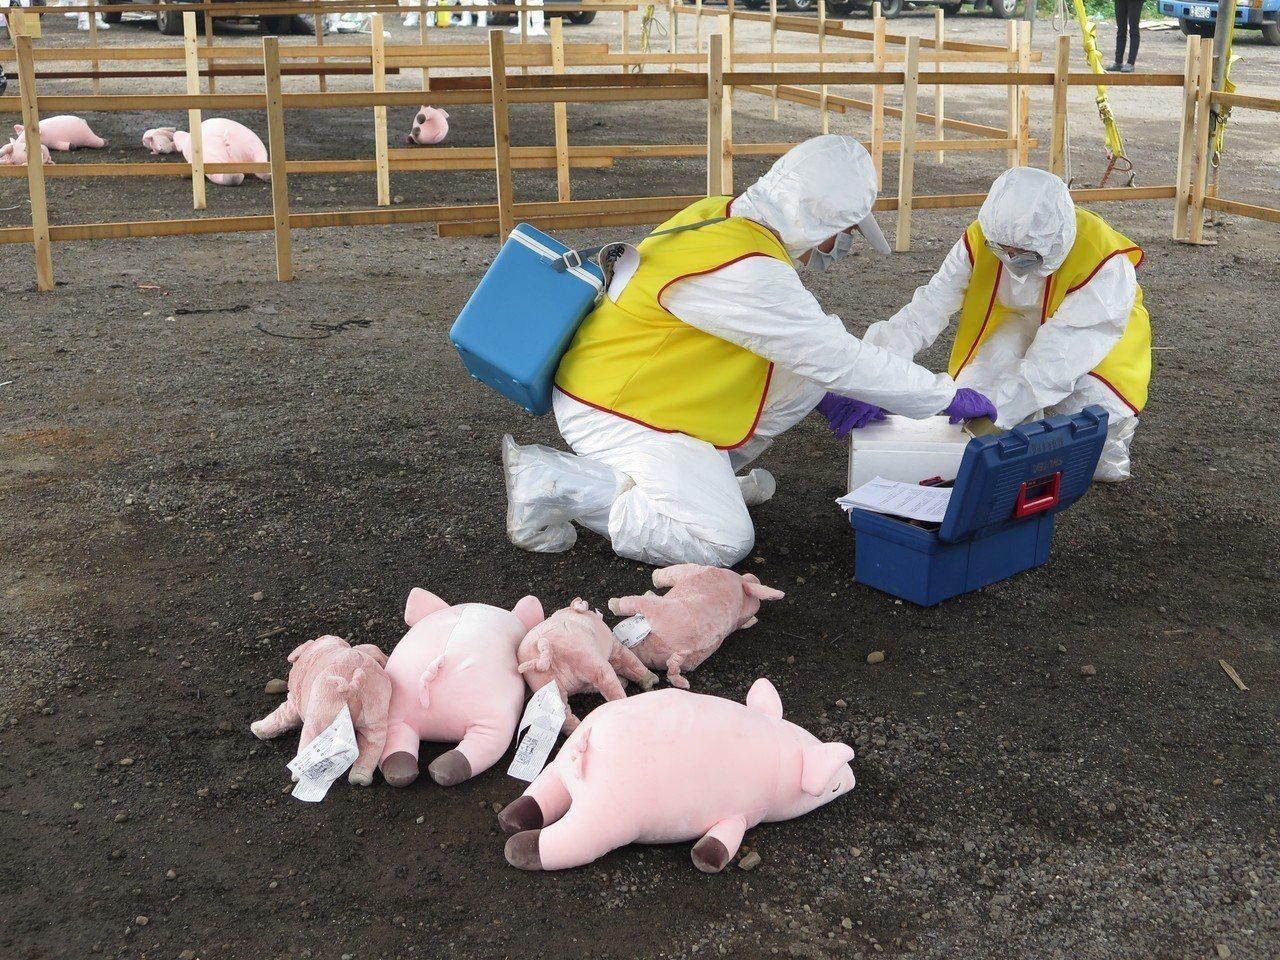 現場模擬有畜牧場發生豬隻異常死亡,防疫人員進行消毒、移動管制等作業。記者張裕珍/...